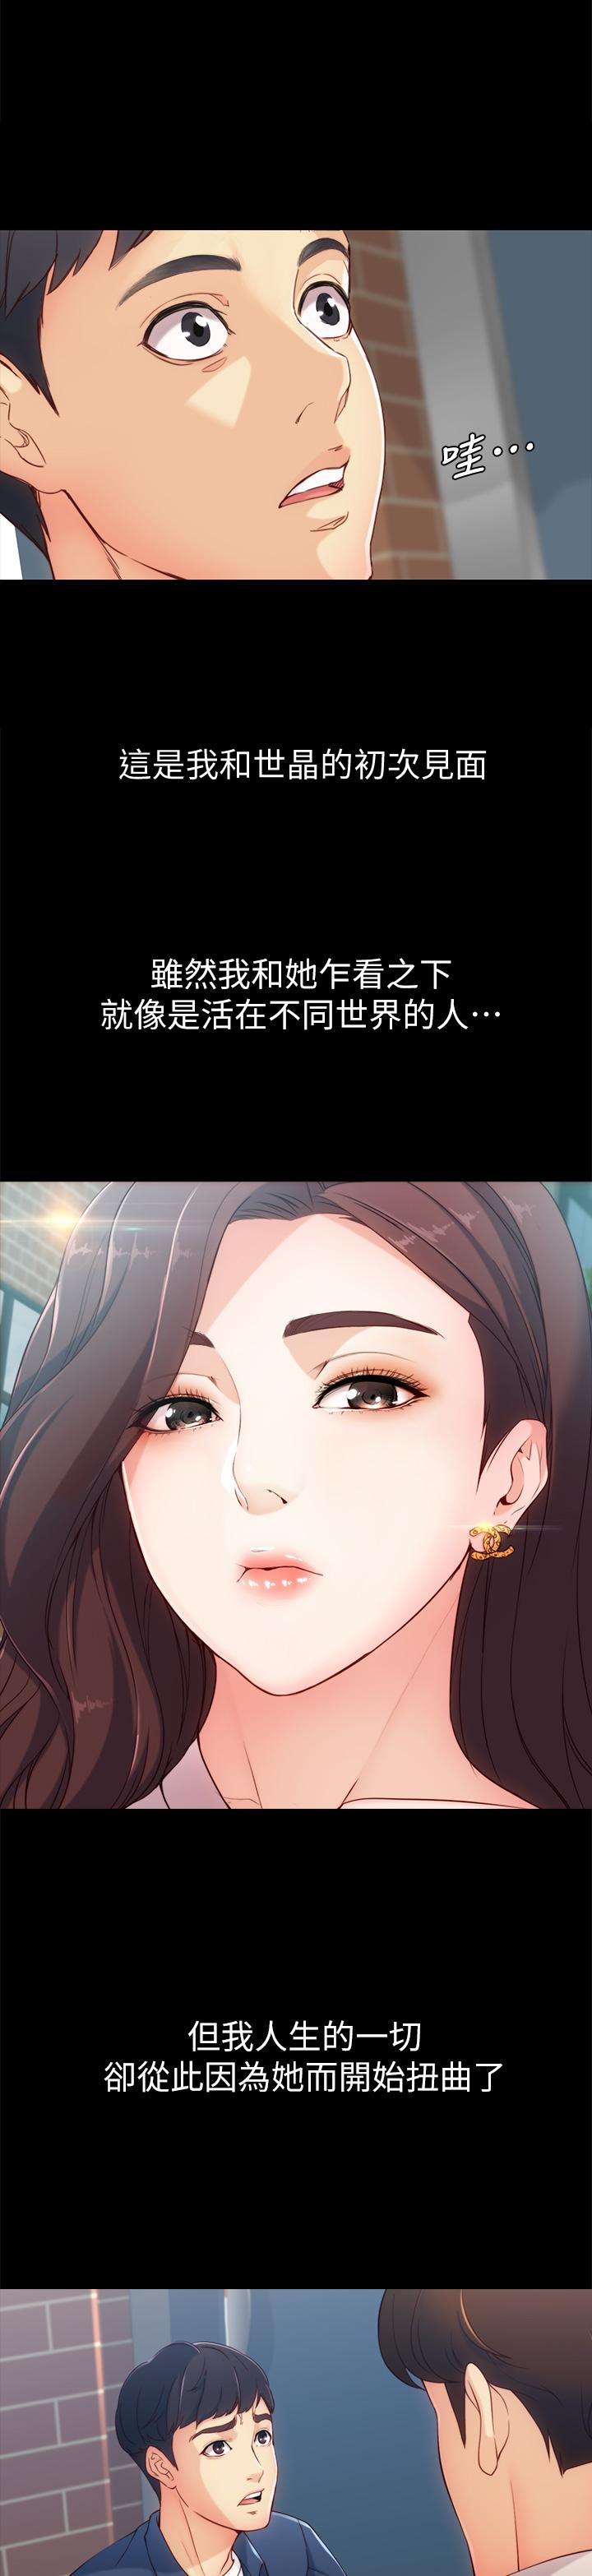 [朴敏&金Zetta]女大生世晶:无法自拔 EP.1(正體中文)高畫質版本 8